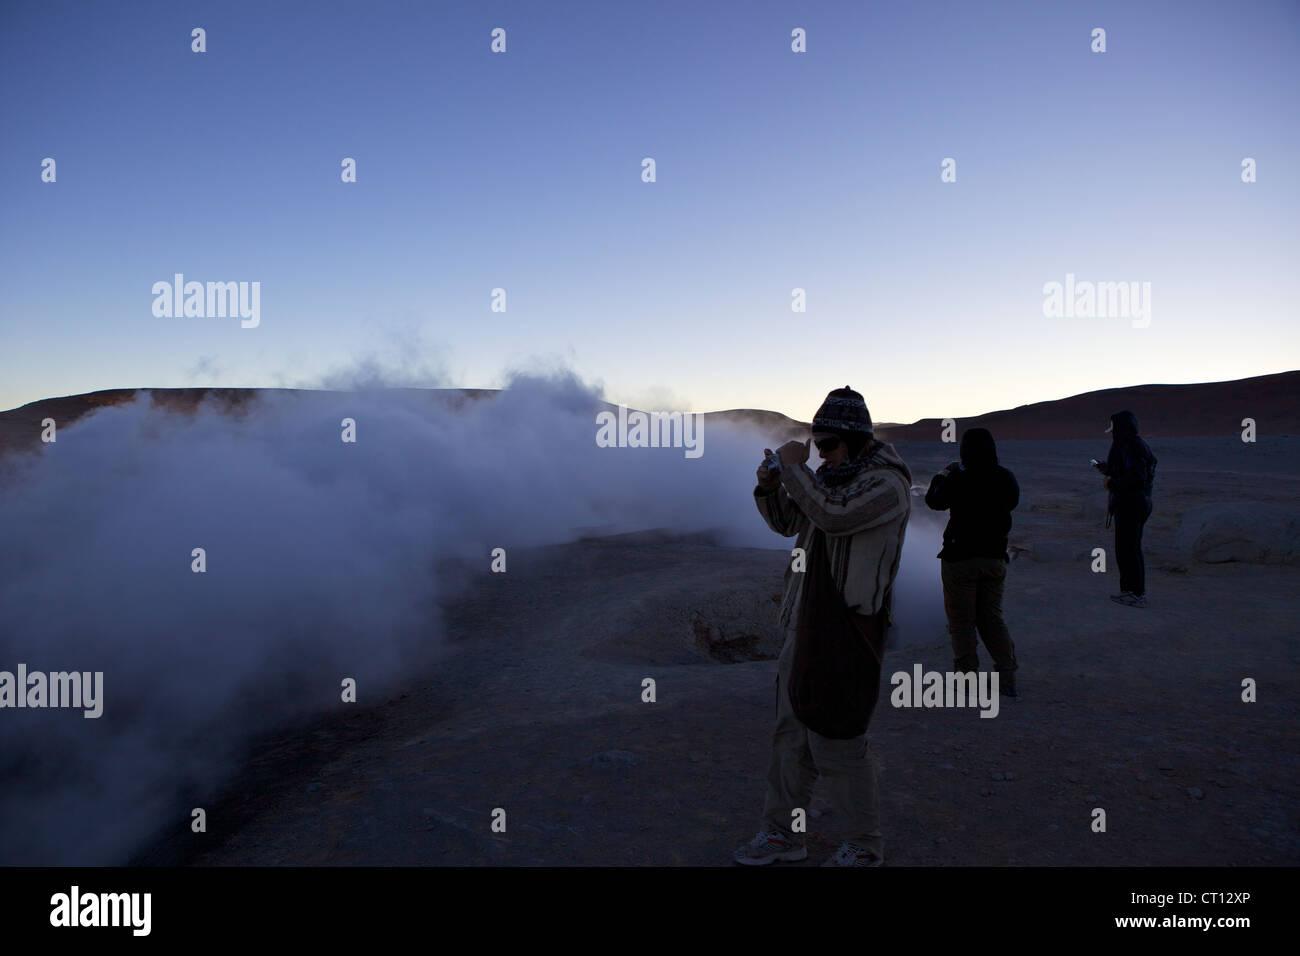 Fumaroles & Geysers of Sol de Manana, Southwest Highlands, Bolivia, South America - Stock Image